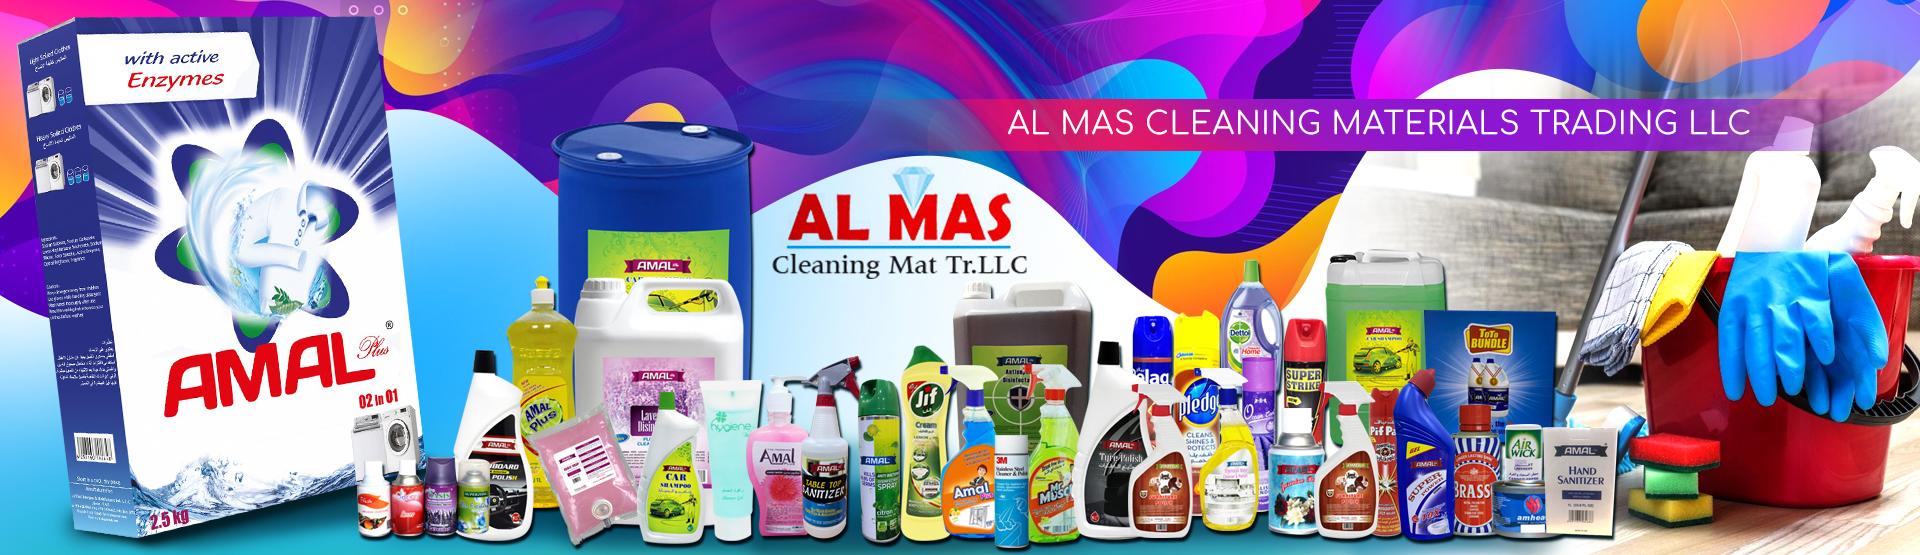 AL MAS CLEANING MATERIALS TRADING LLC